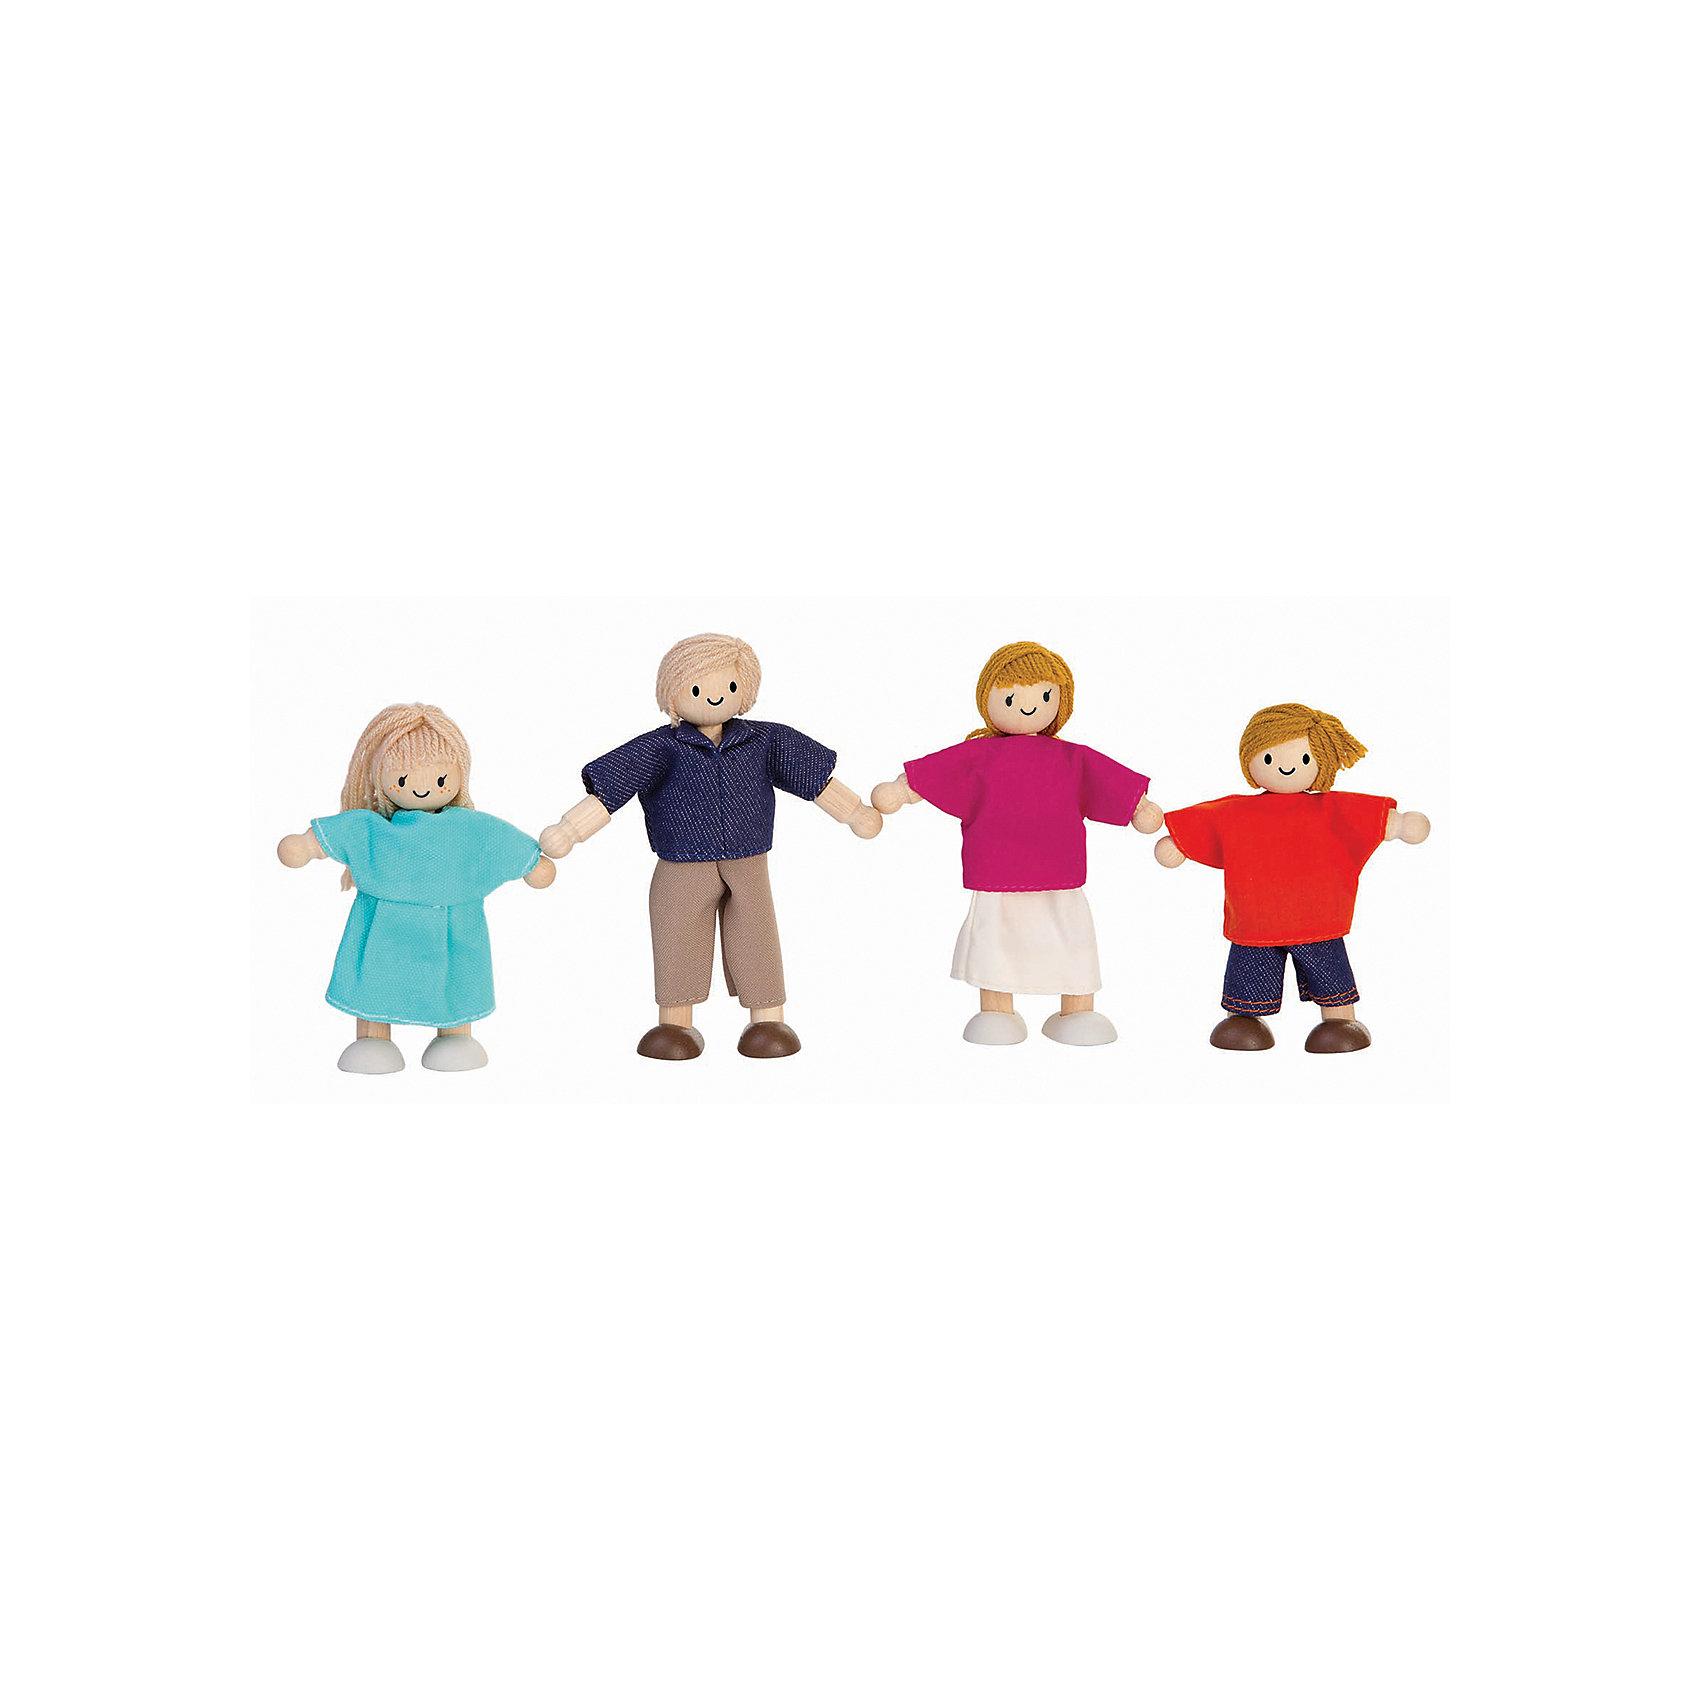 Plan Toys PLAN TOYS 7415 Кукольная семья игровые наборы plan toys дом